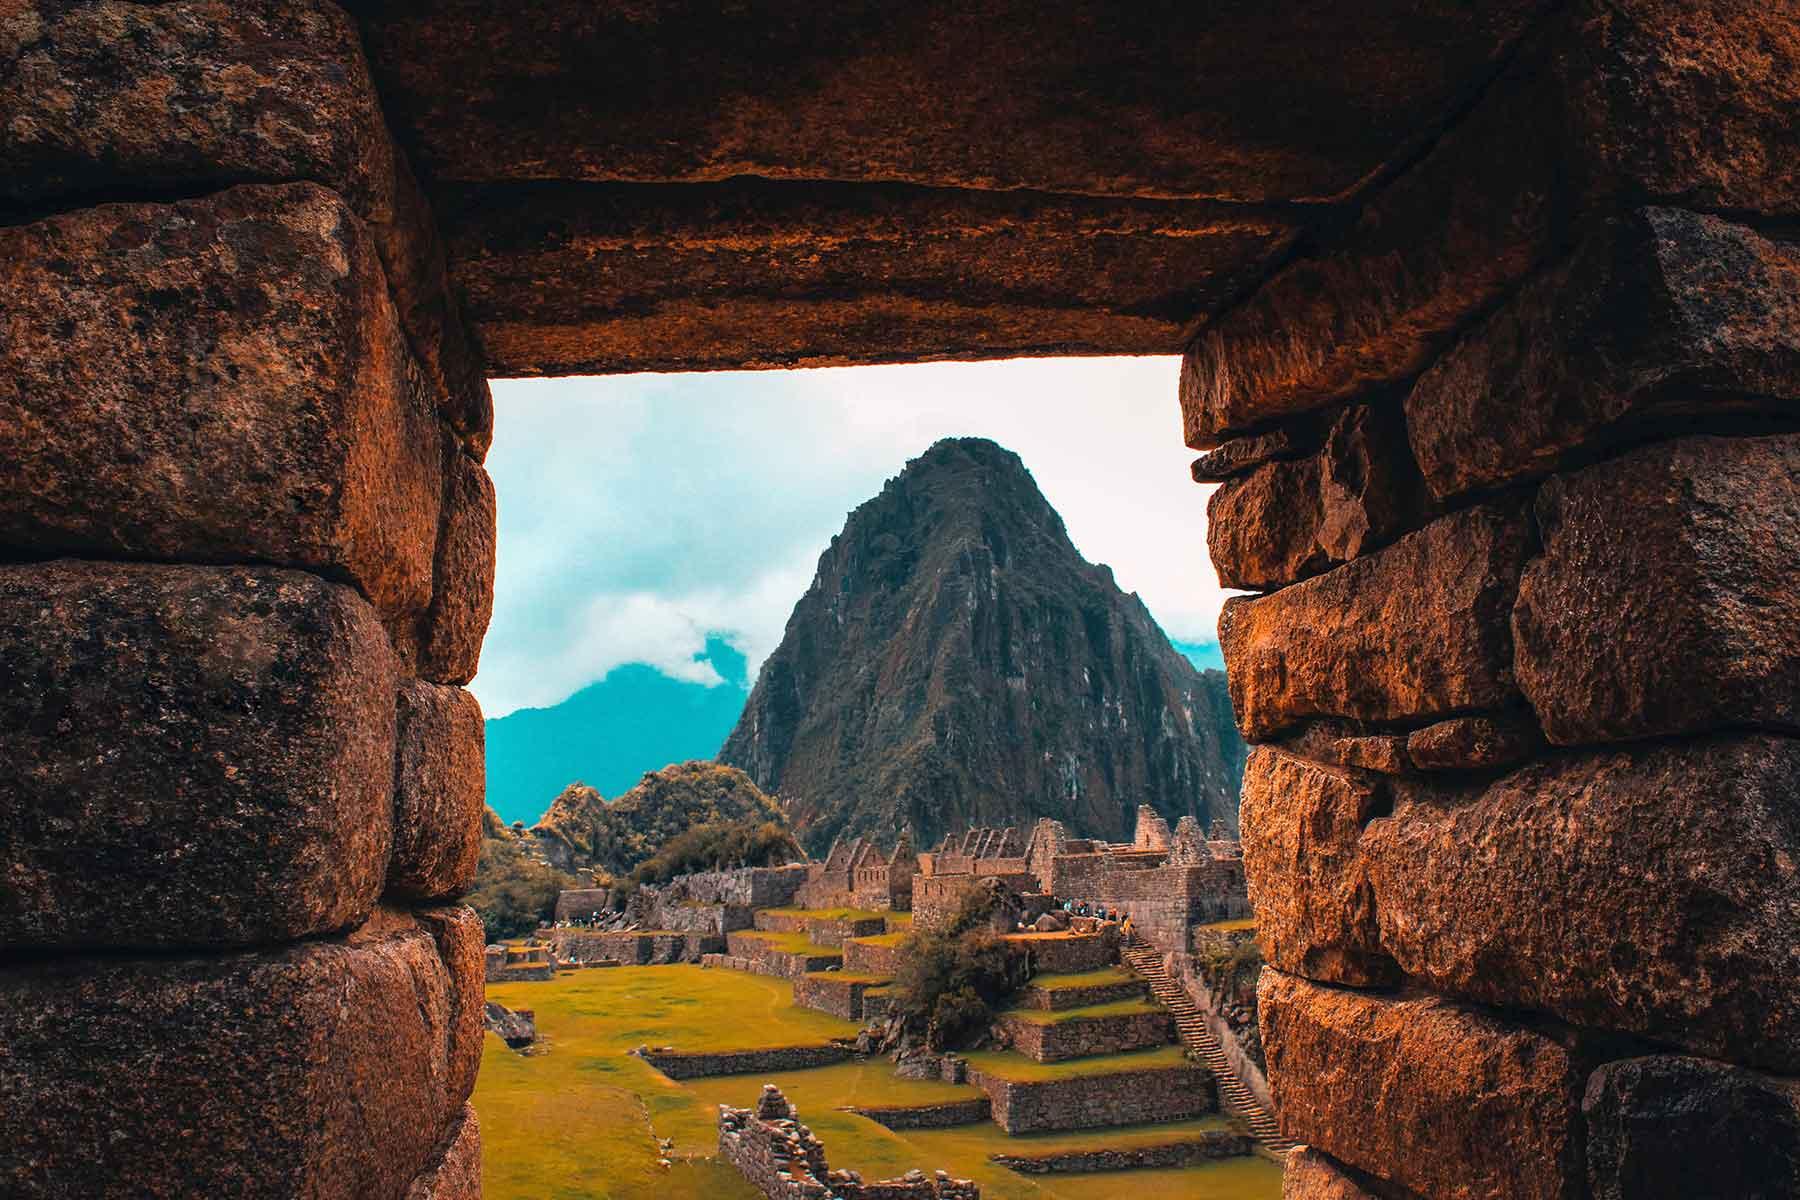 Resor-till-Peru-med-Nygren-&-Lind-Resebyrå---machu-picchu-resa